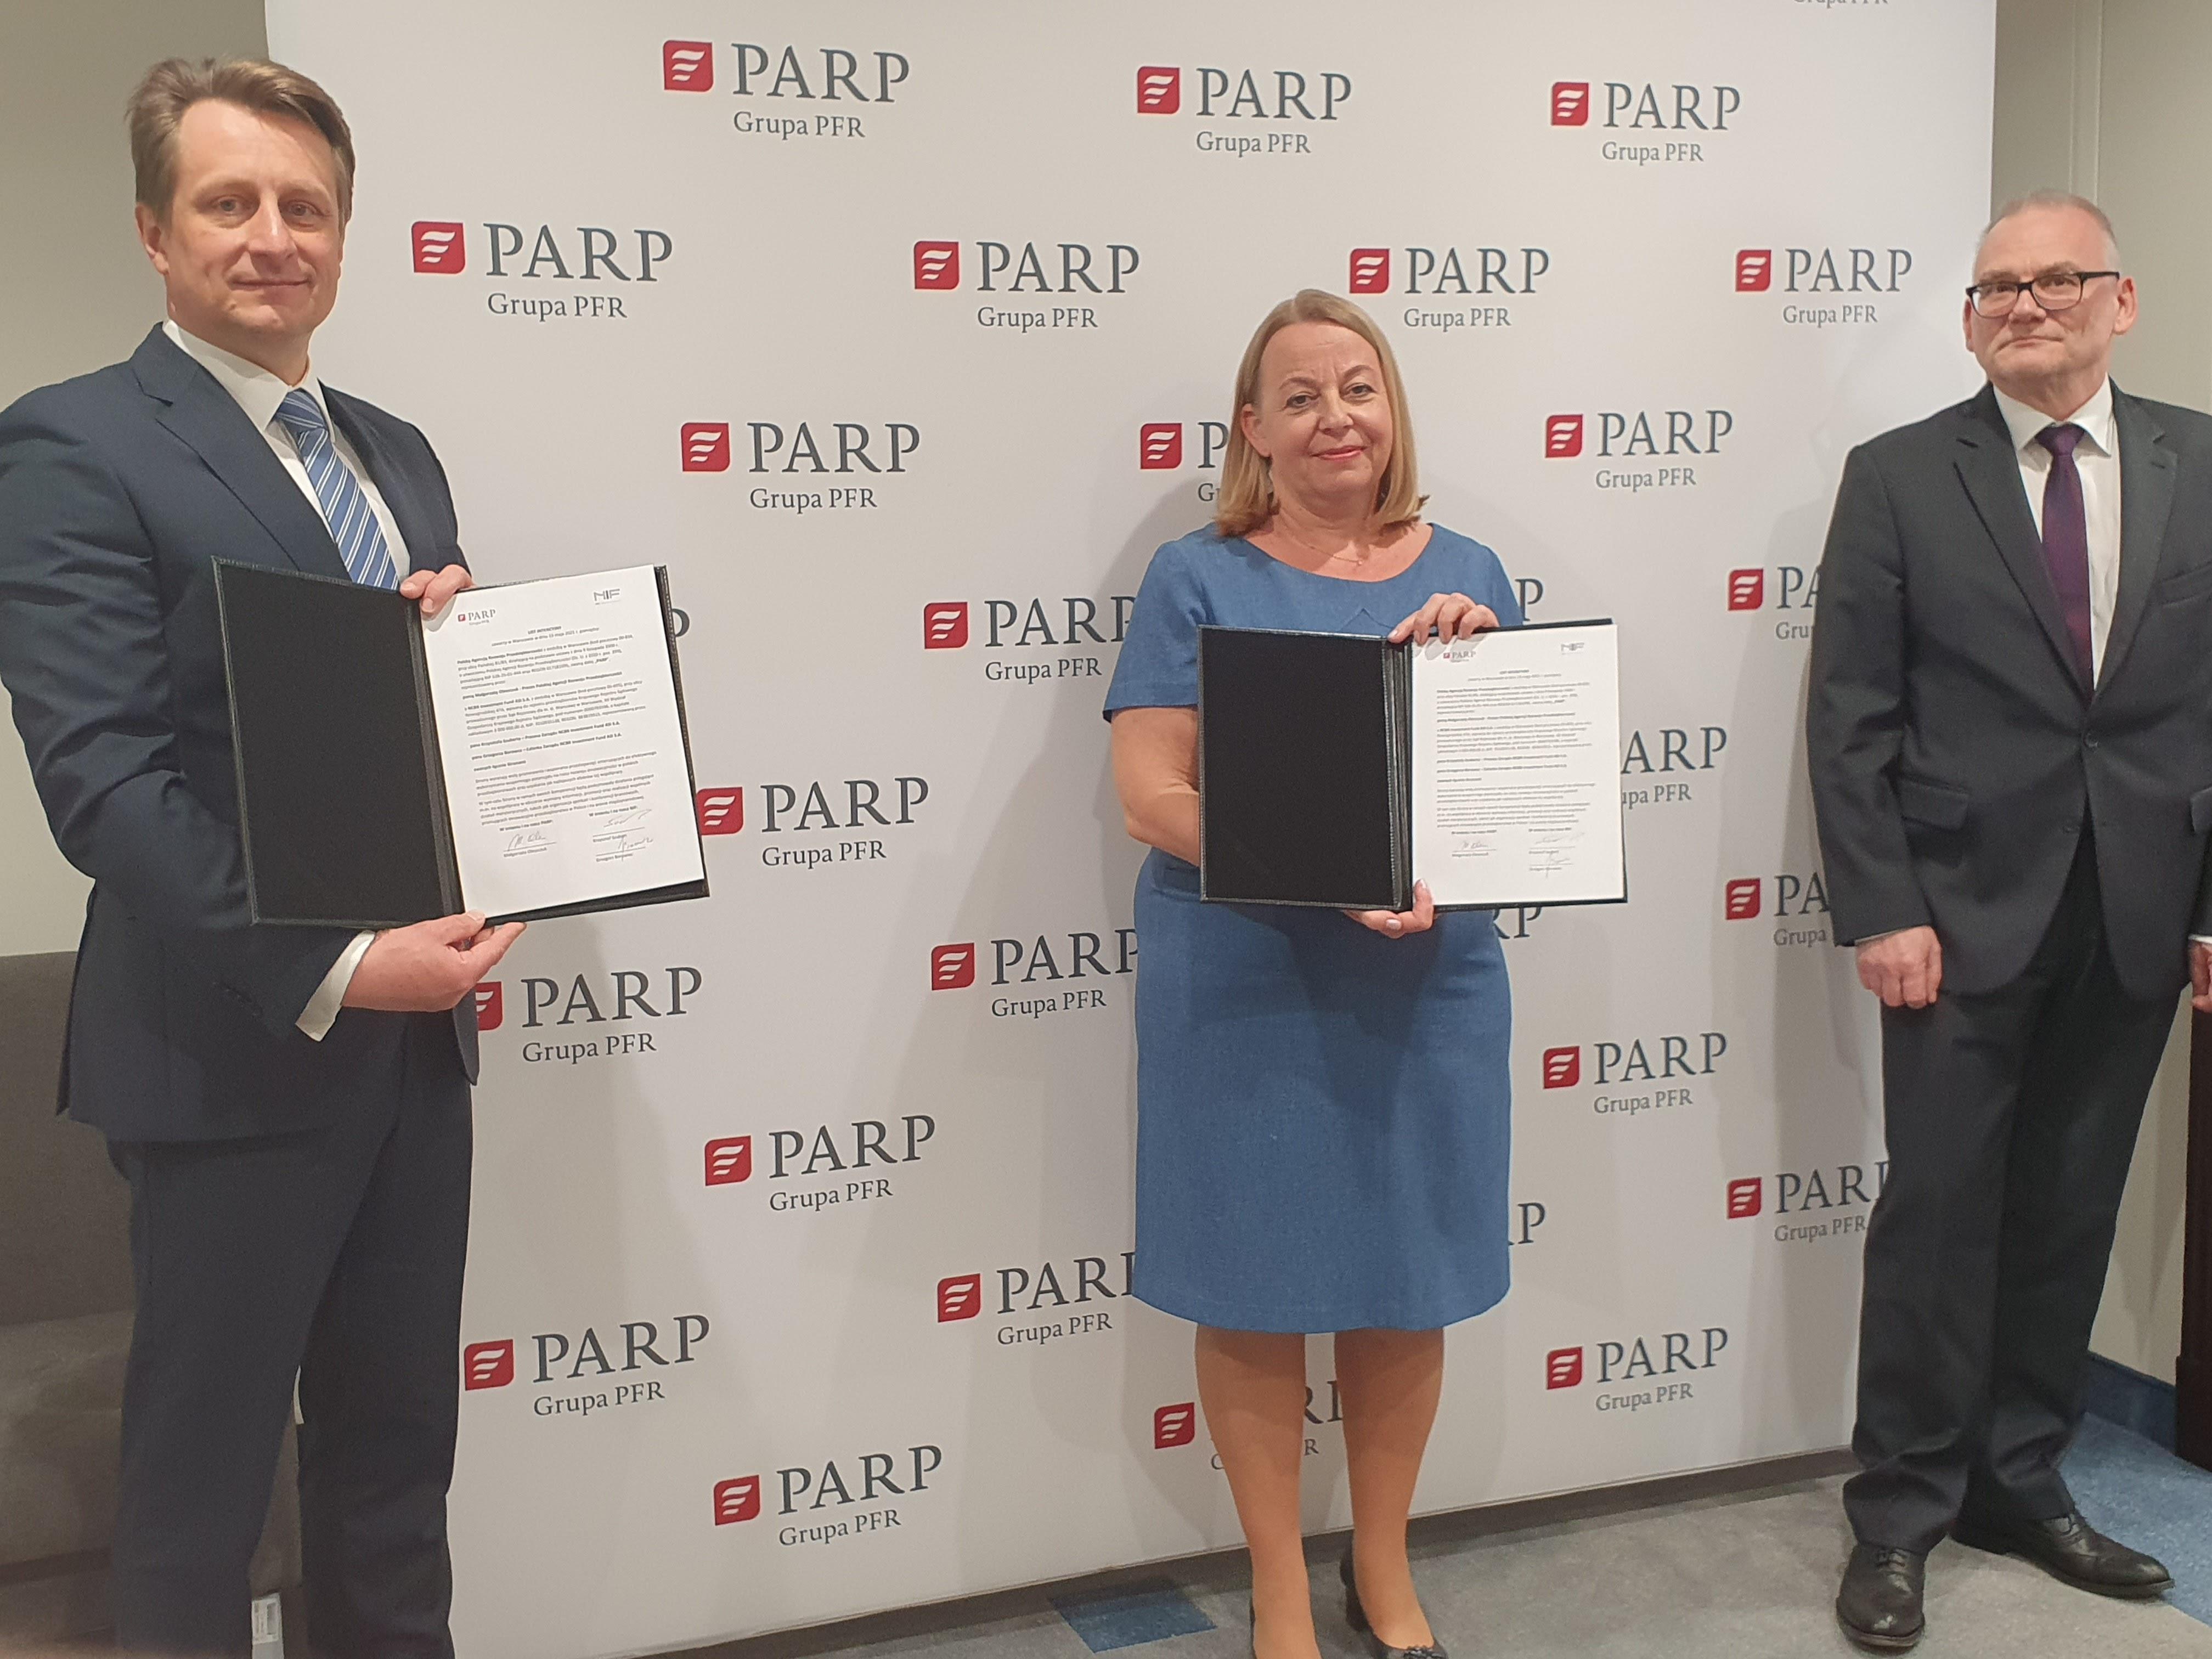 Wsparcie dla rozwoju innowacyjności MŚP – współpraca PARP i NCBR Investment Fund